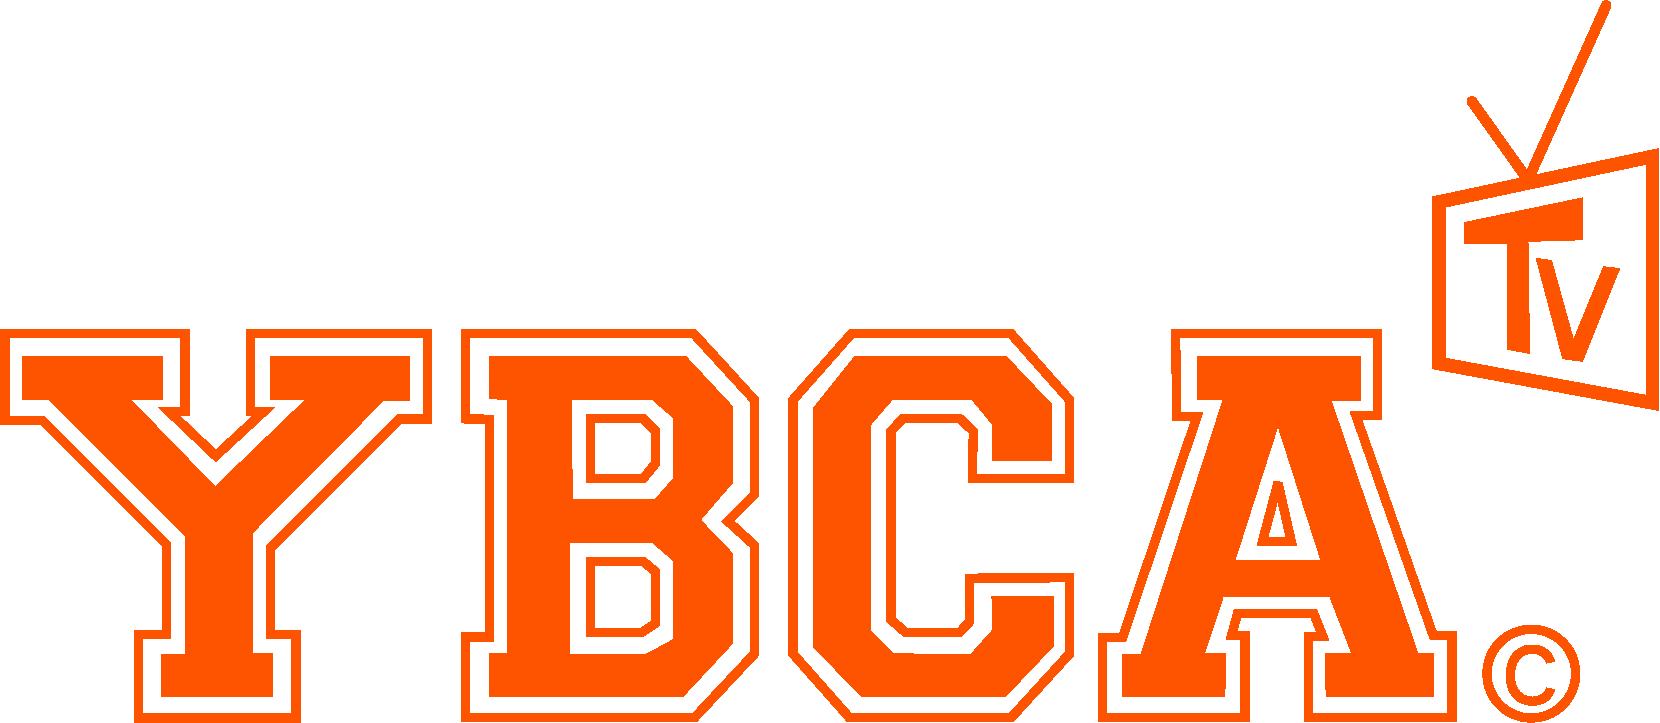 YBCA TV